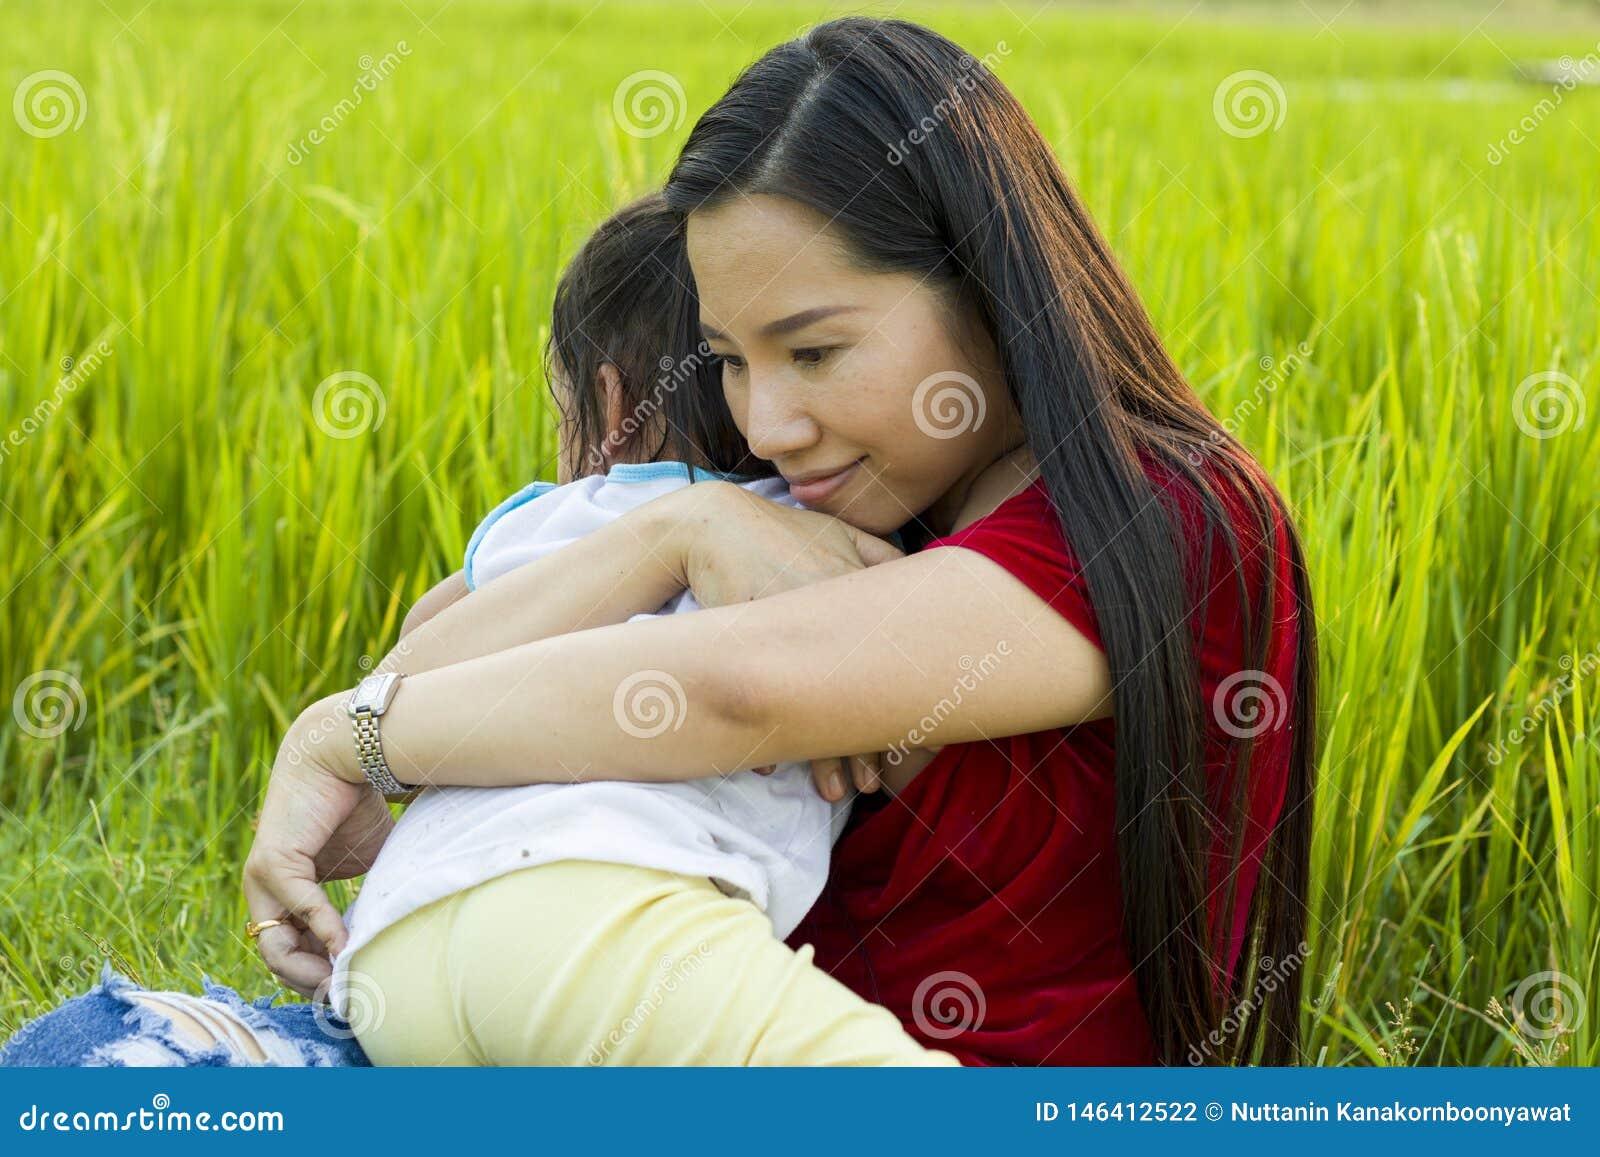 Молодая мать обнимая и успокаивая плача маленькую дочь, азиатскую мать пробуя утешить и утихомирить вниз ее плача ребенка